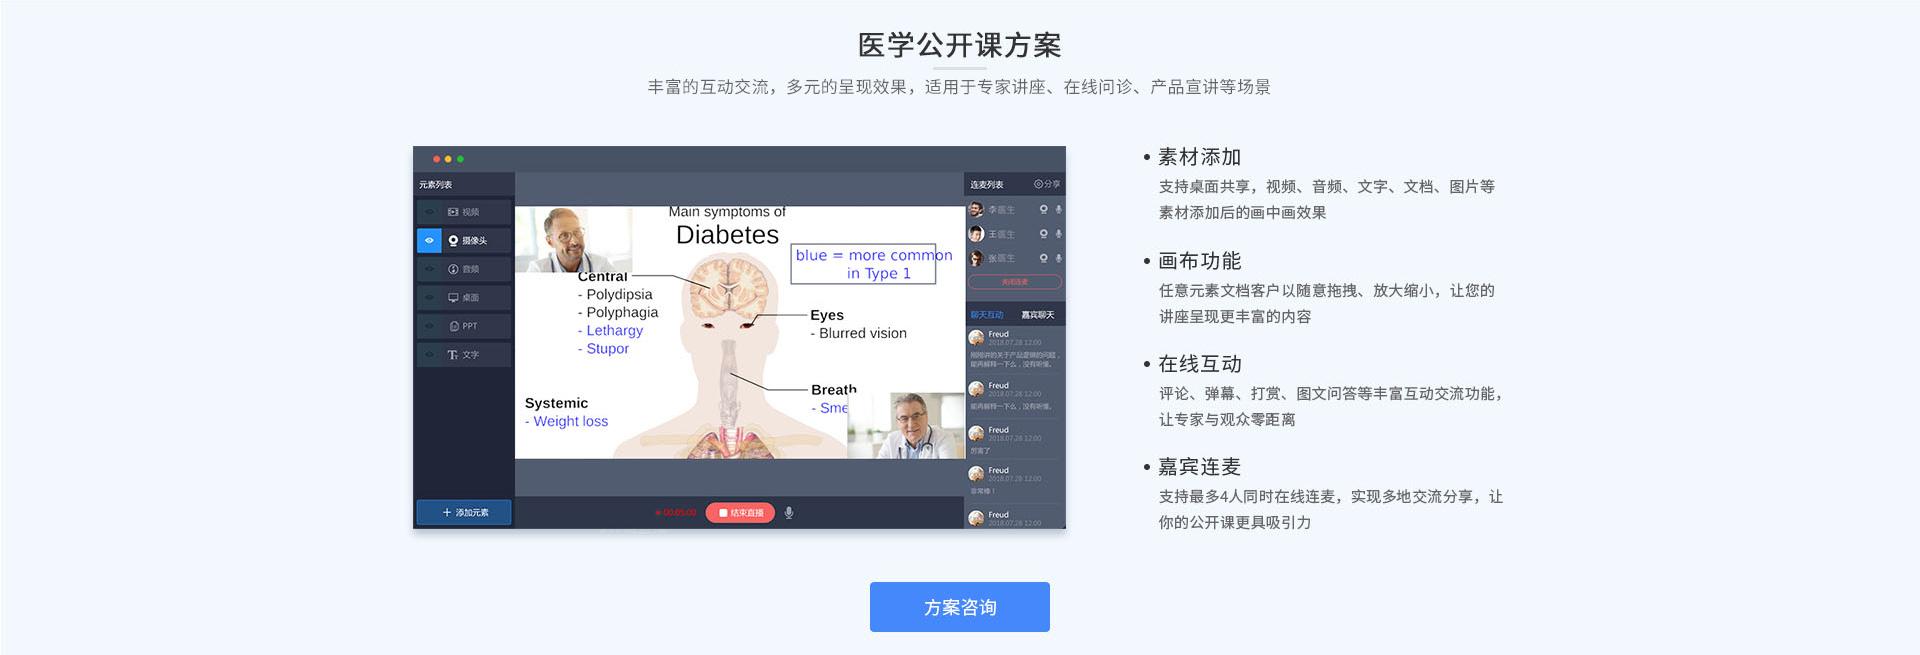 医学培训画板04.jpg